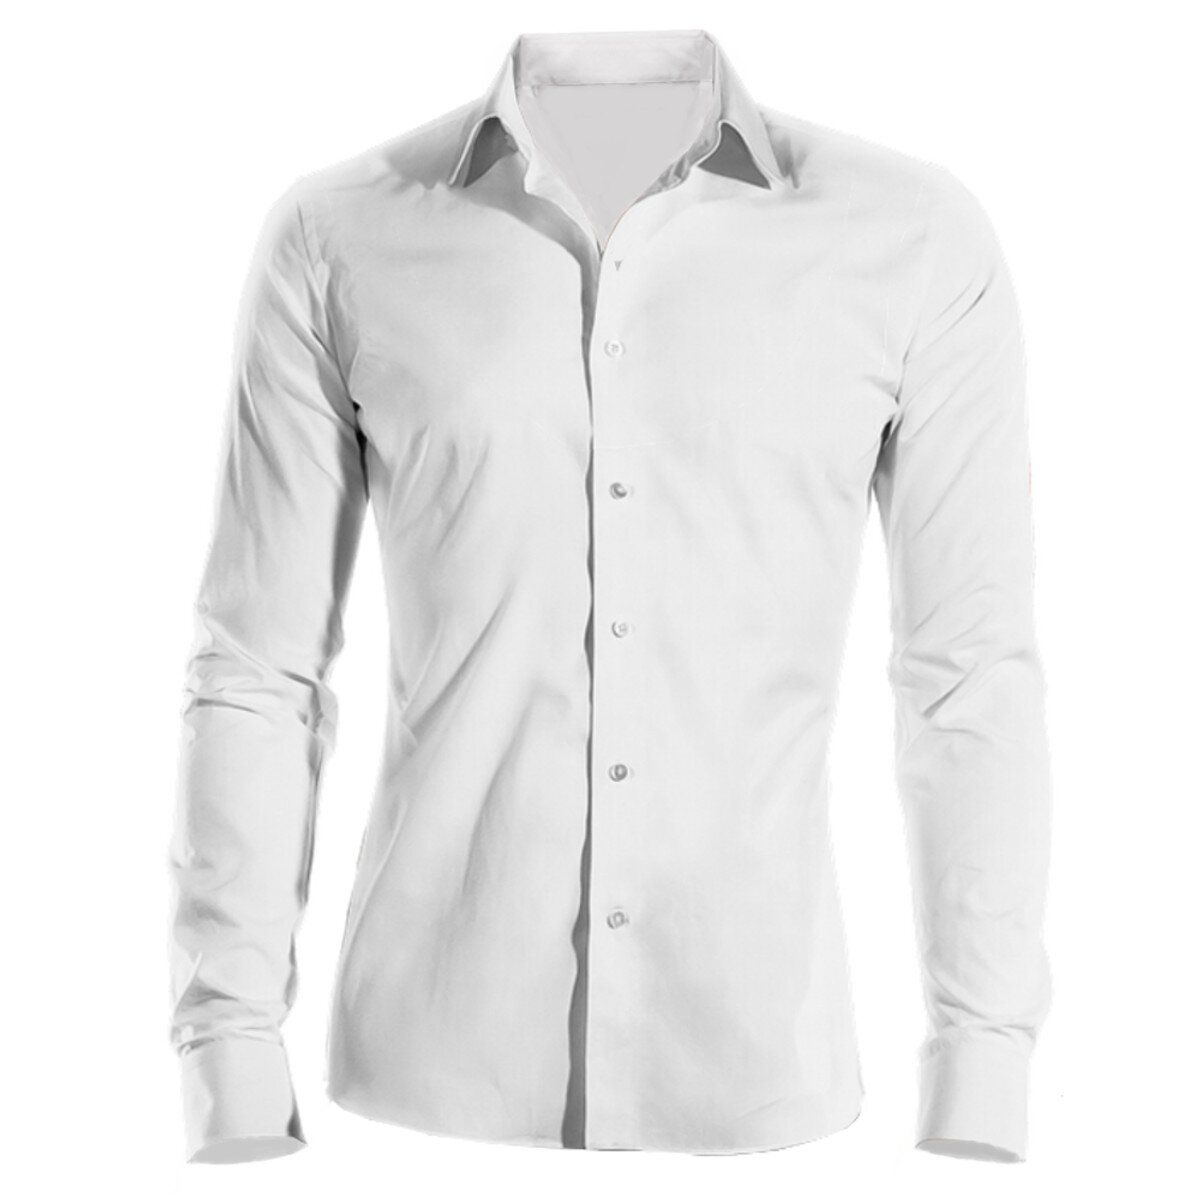 b72719bb80a1 Pracovná košeľa pánska biela dlhý rukáv 100 % bavlna s úpravou pre ľahké  žehlenie